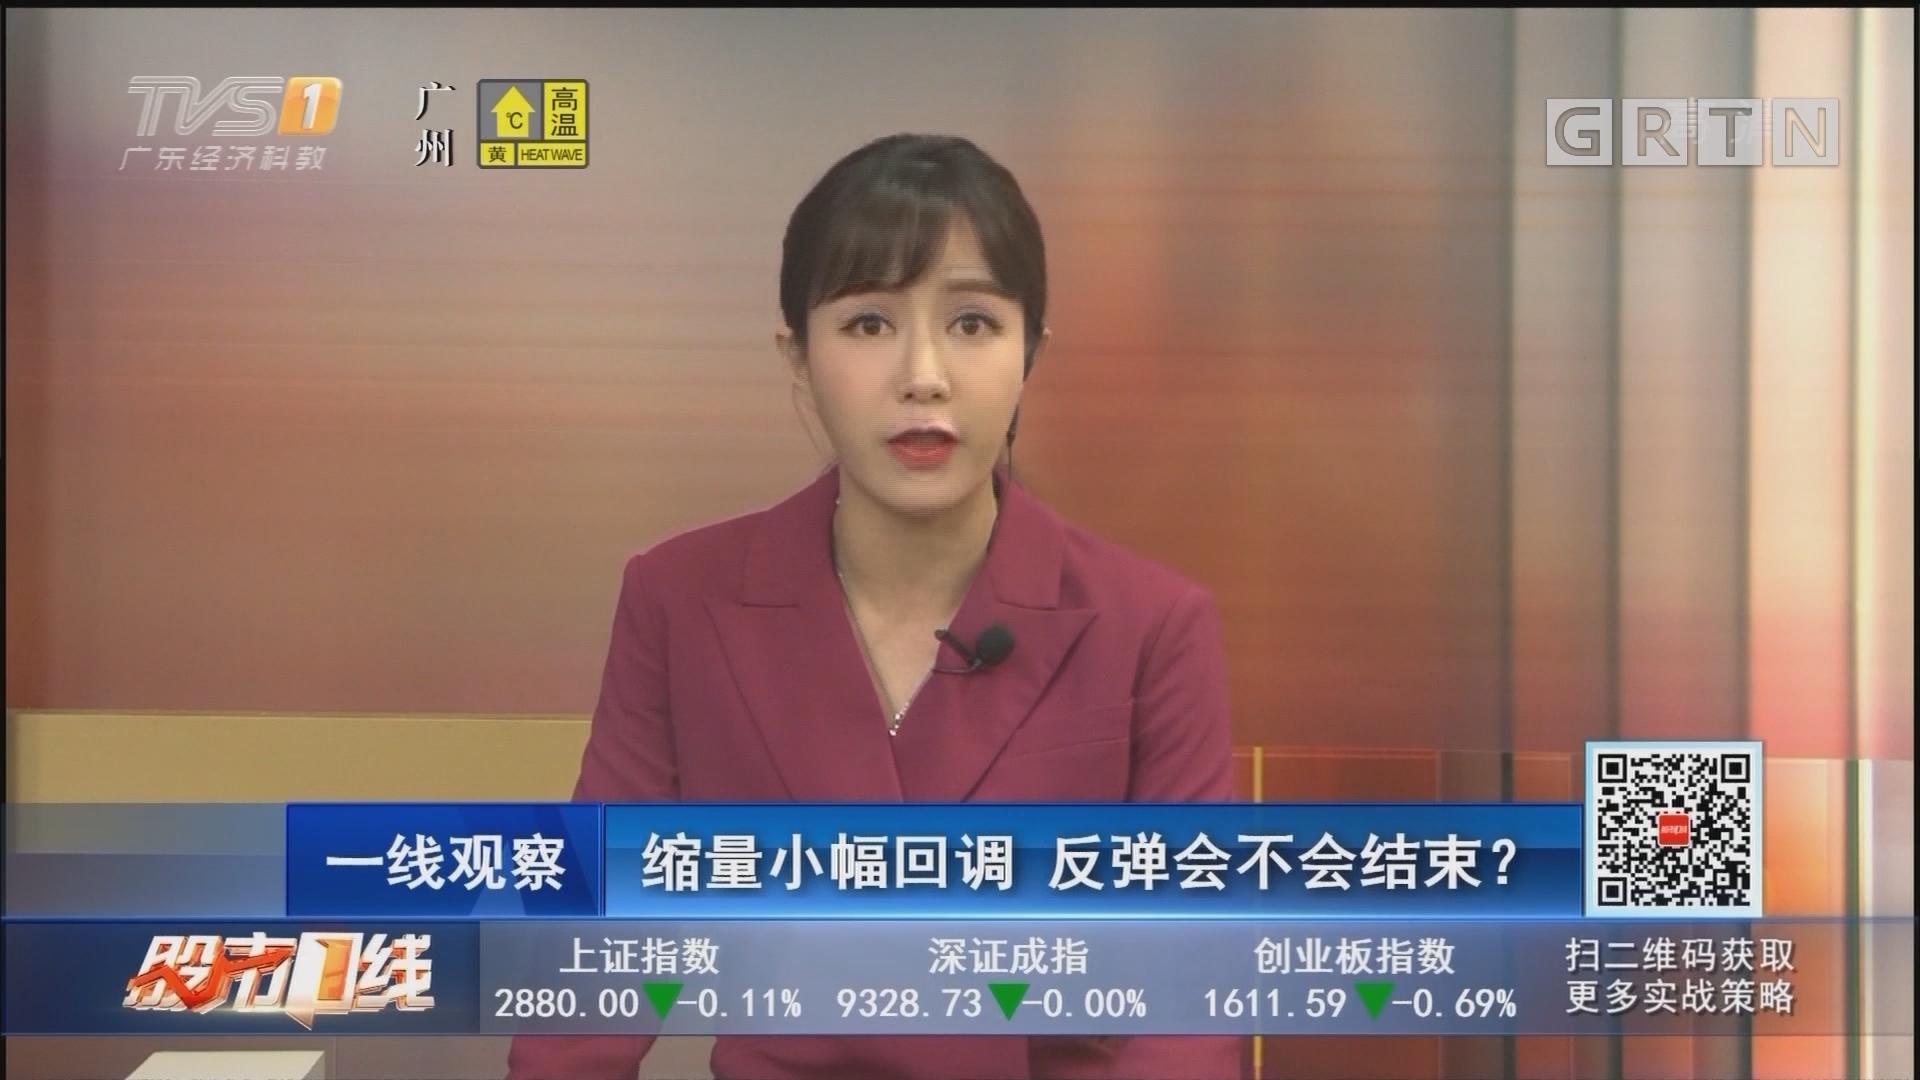 [HD][2019-08-20]股市一线:缩量小幅回调 反弹会不会结束?